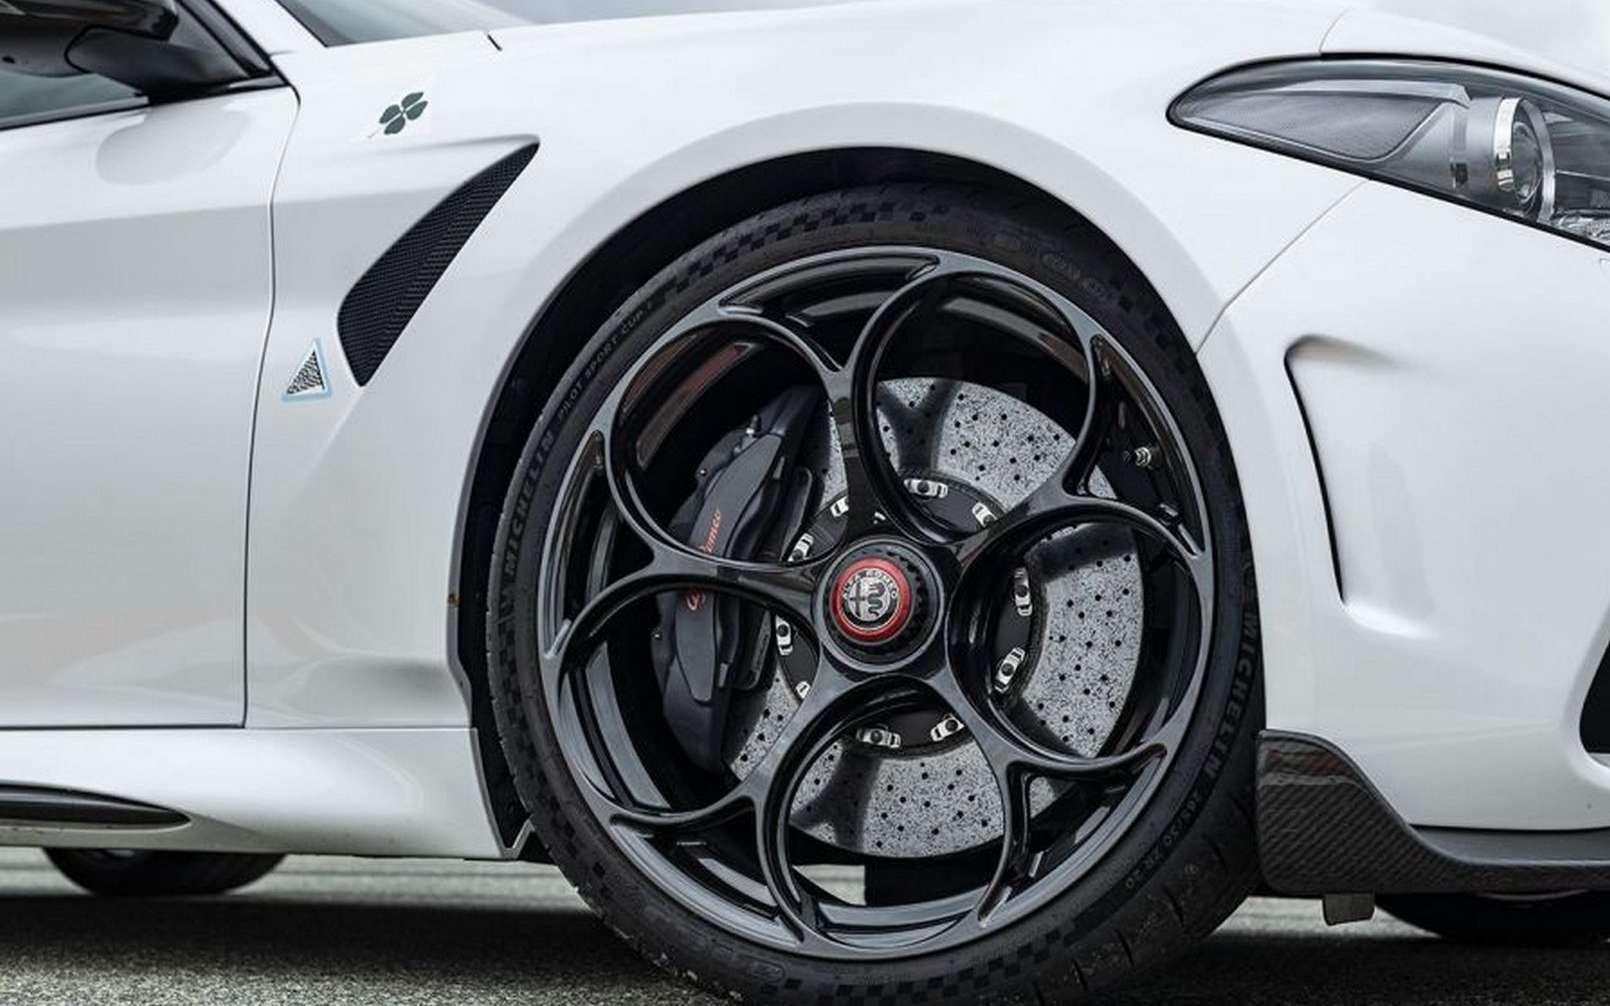 Alfa Romeo n'a pas encore officiellement confirmé le retour de la GTV et/ou de la Spider en versions électriques, mais la tentation d'une revival semble grande. © Alfa Romeo